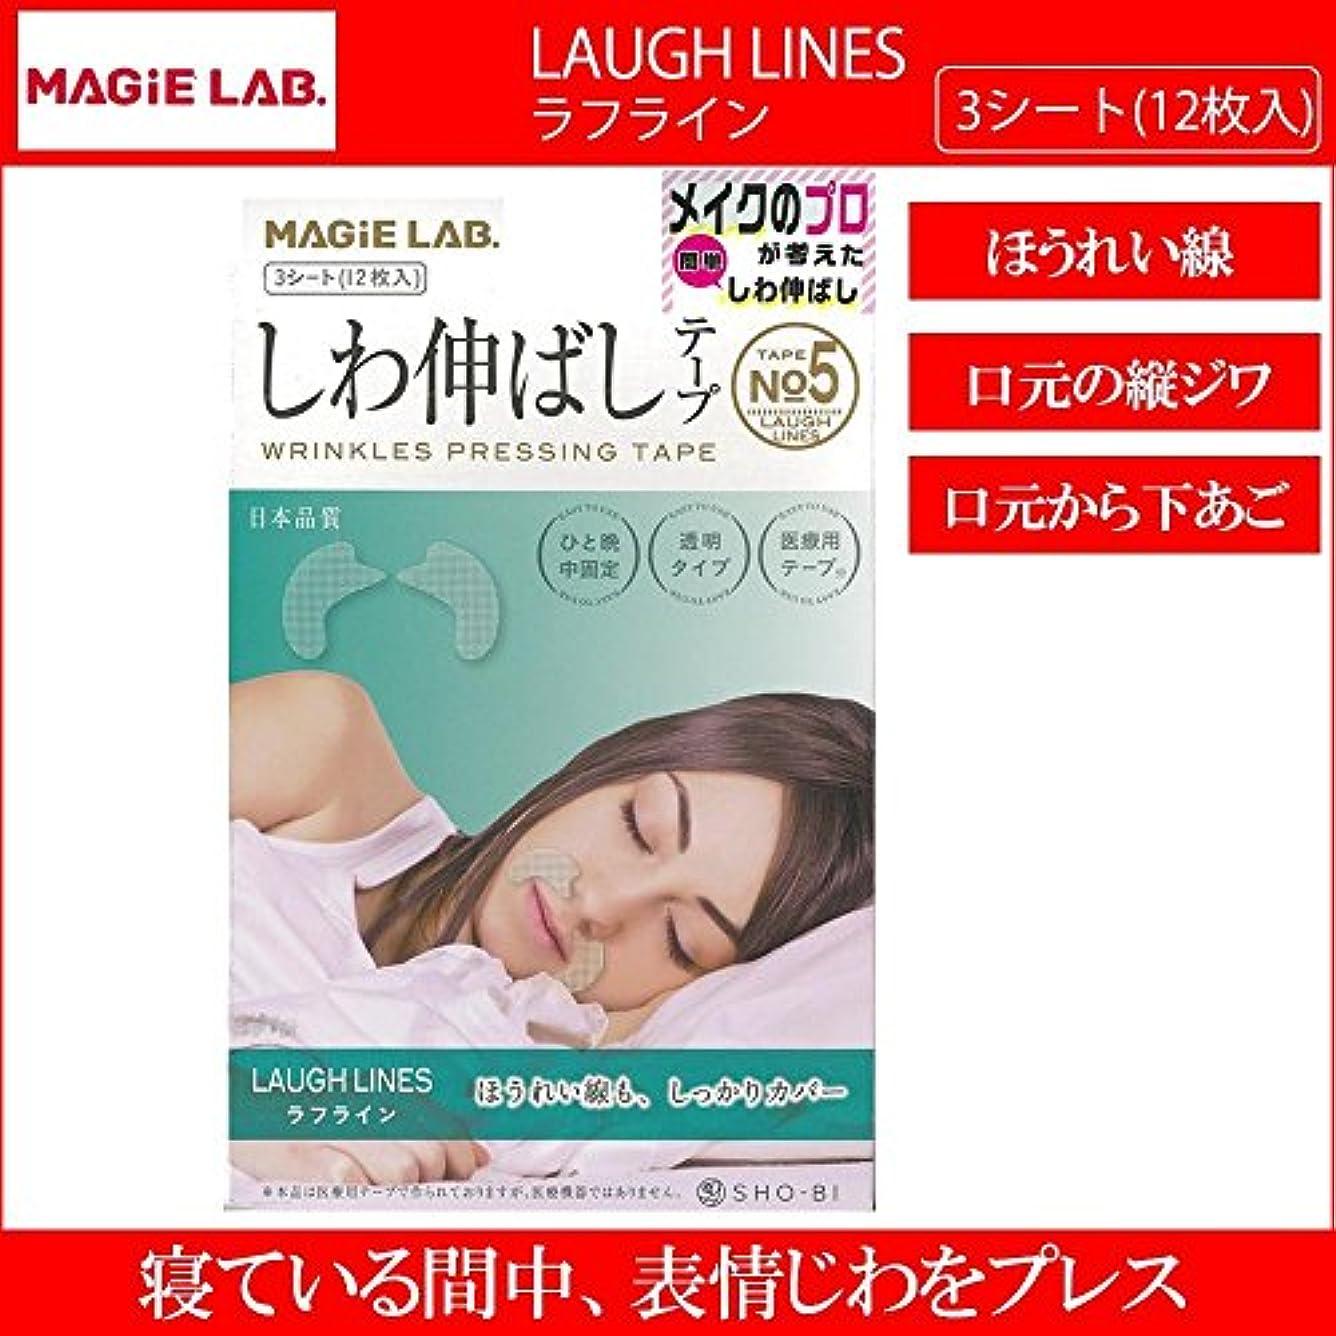 MAGiE LAB.(マジラボ) しわ伸ばしテープ NO.5 LAUGH LINES(ラフライン) 3シート(12枚入) MG22149